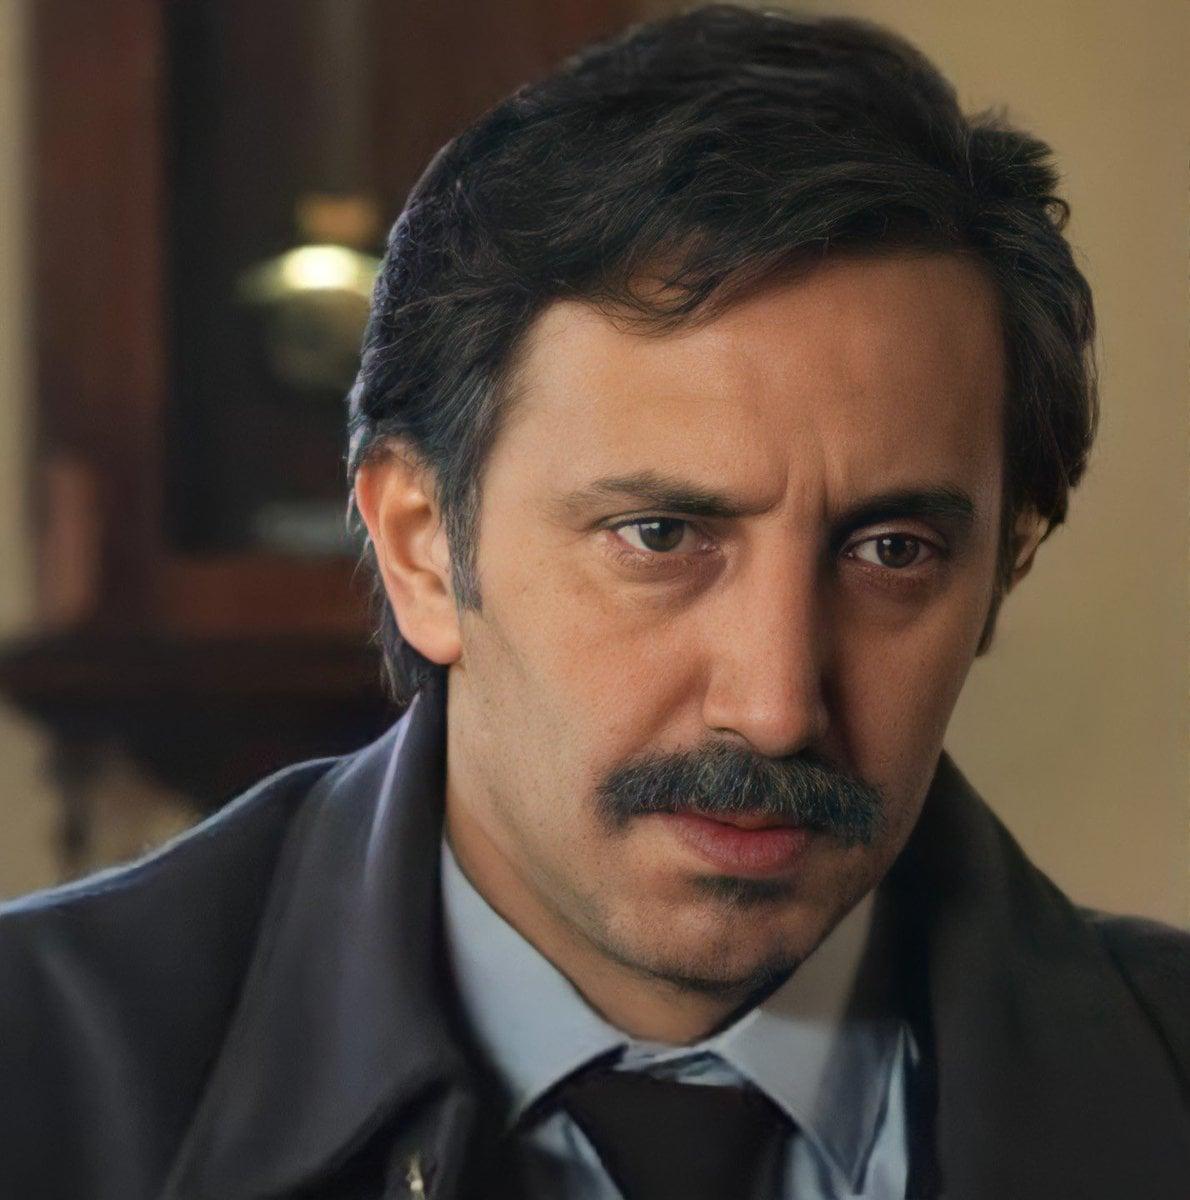 أحمد الأحمد من المسلسل